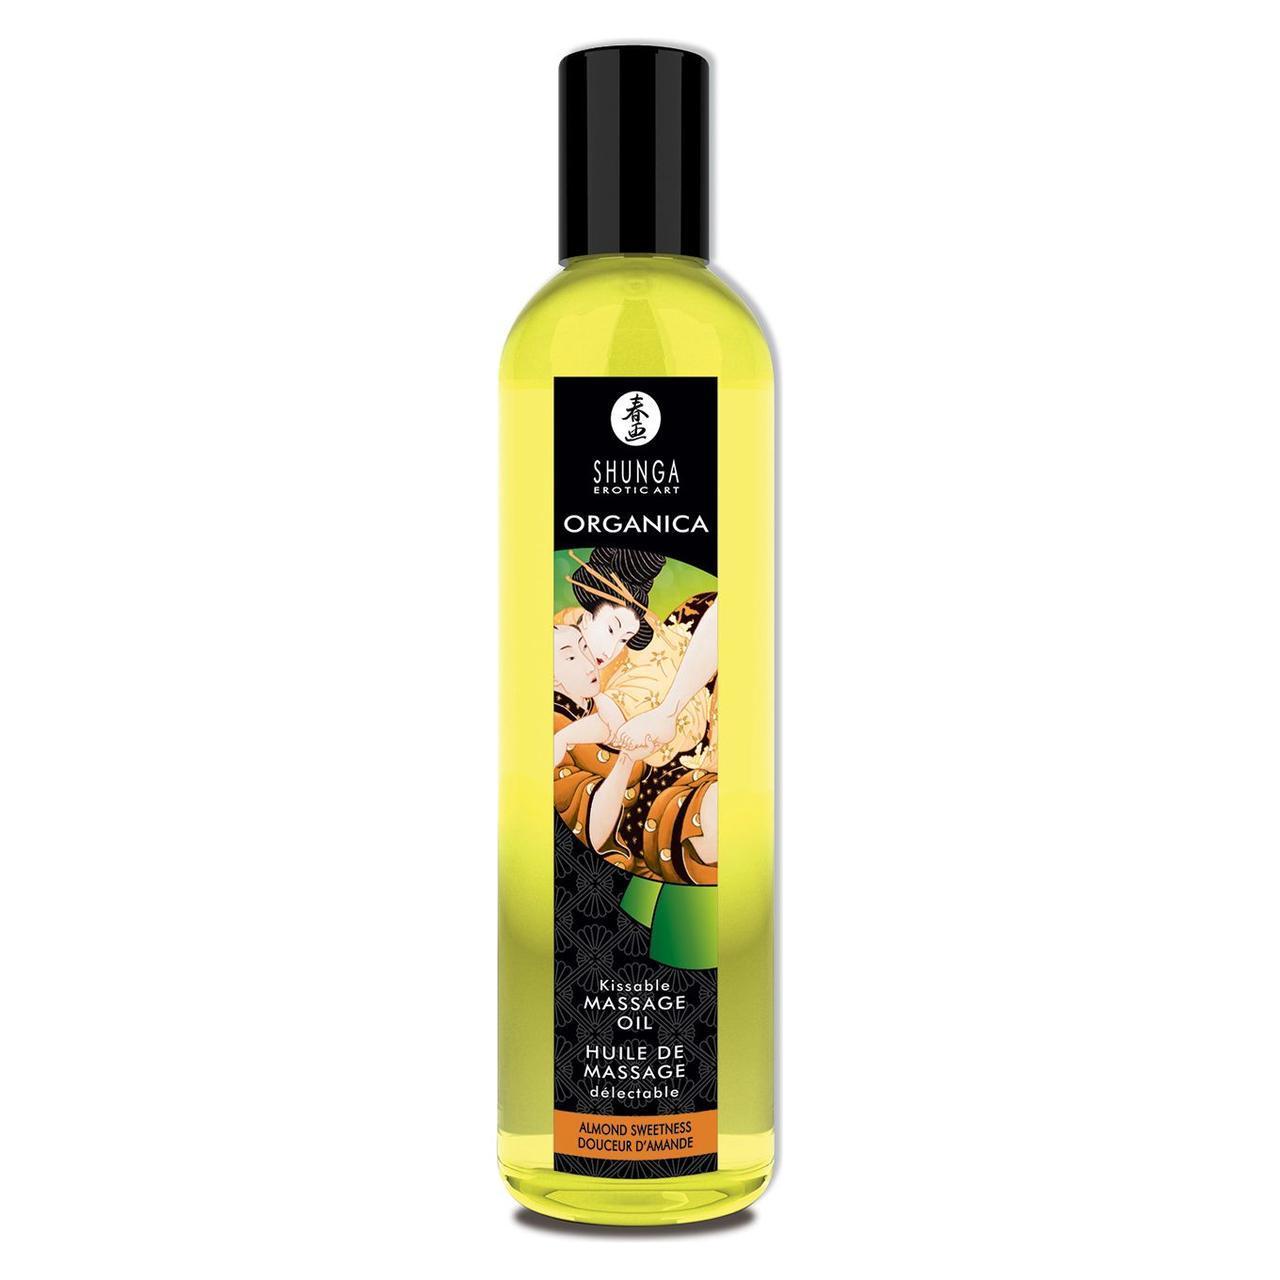 Органическое массажное масло Shunga ORGANICA - Almond Sweetness